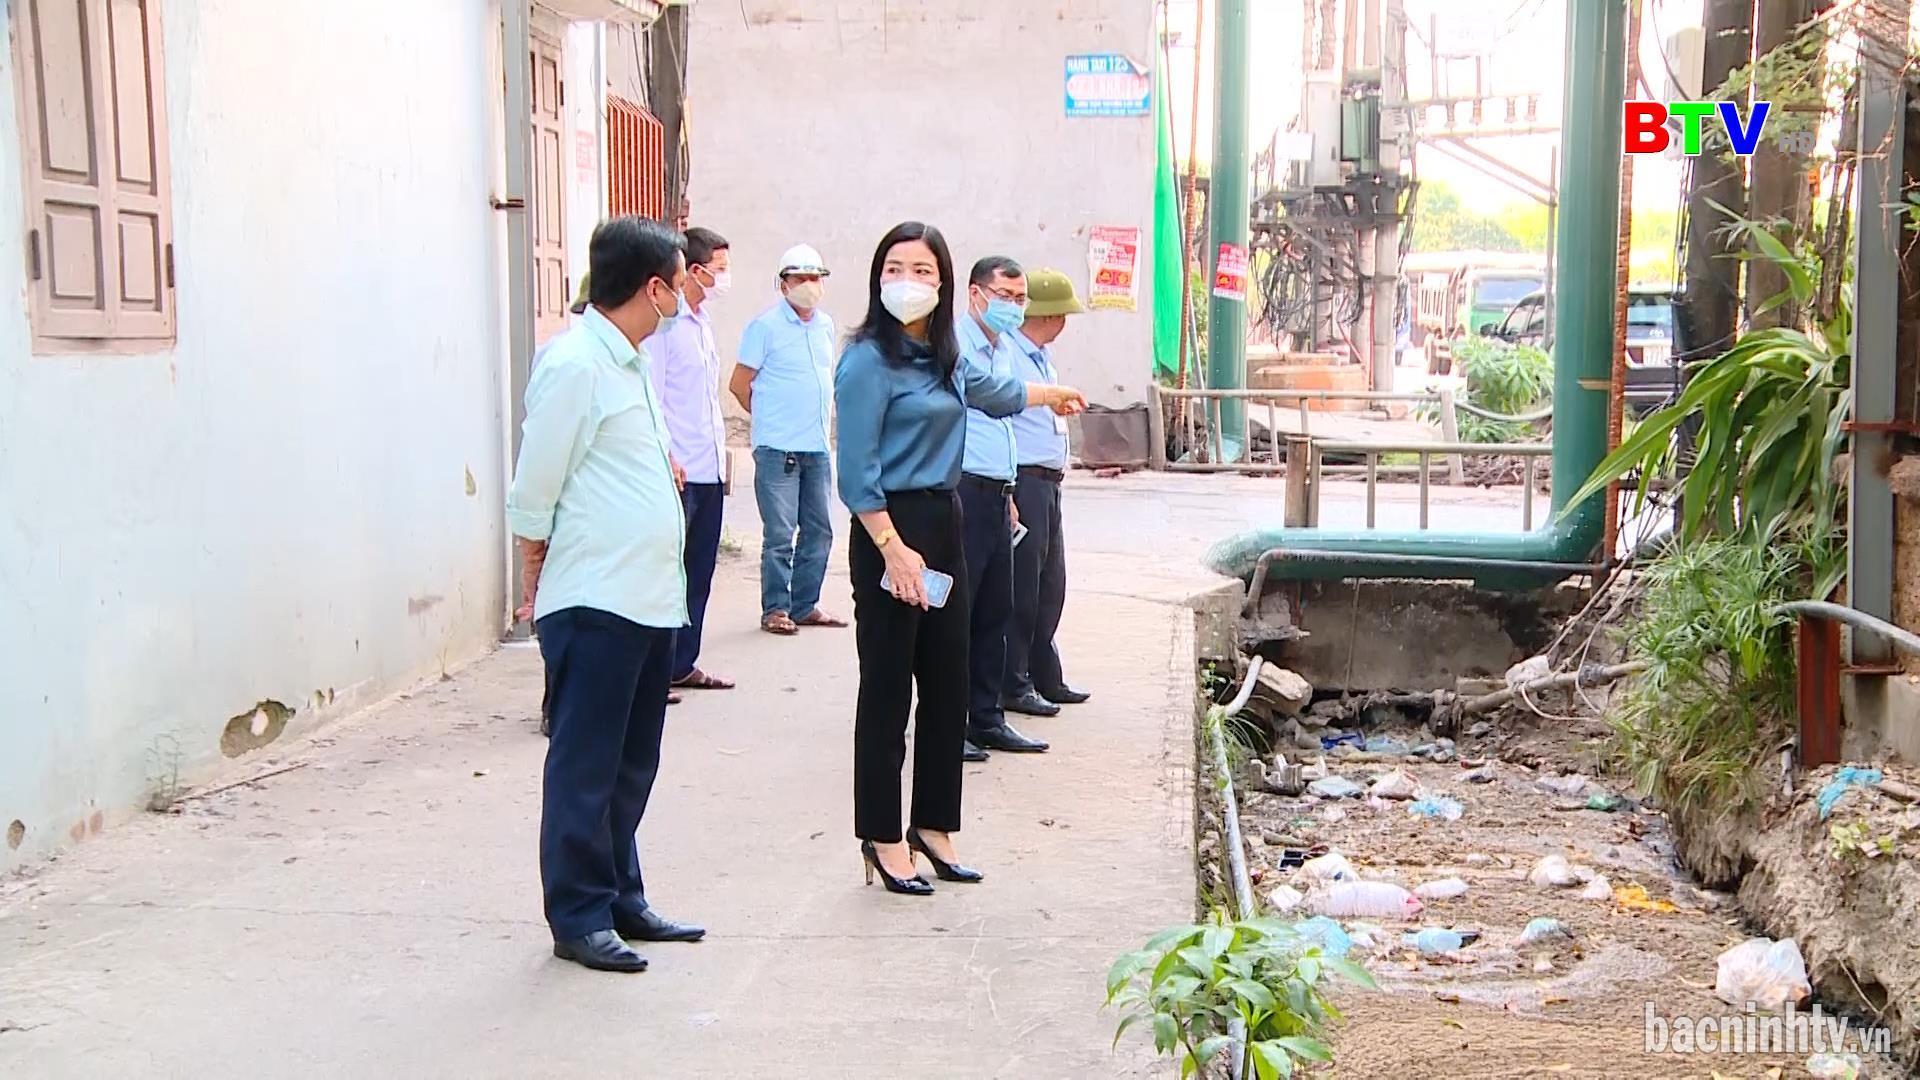 Hội đồng nhân dân thành phố Bắc Ninh giám sát thực hiện hợp đồng dịch vụ công ích